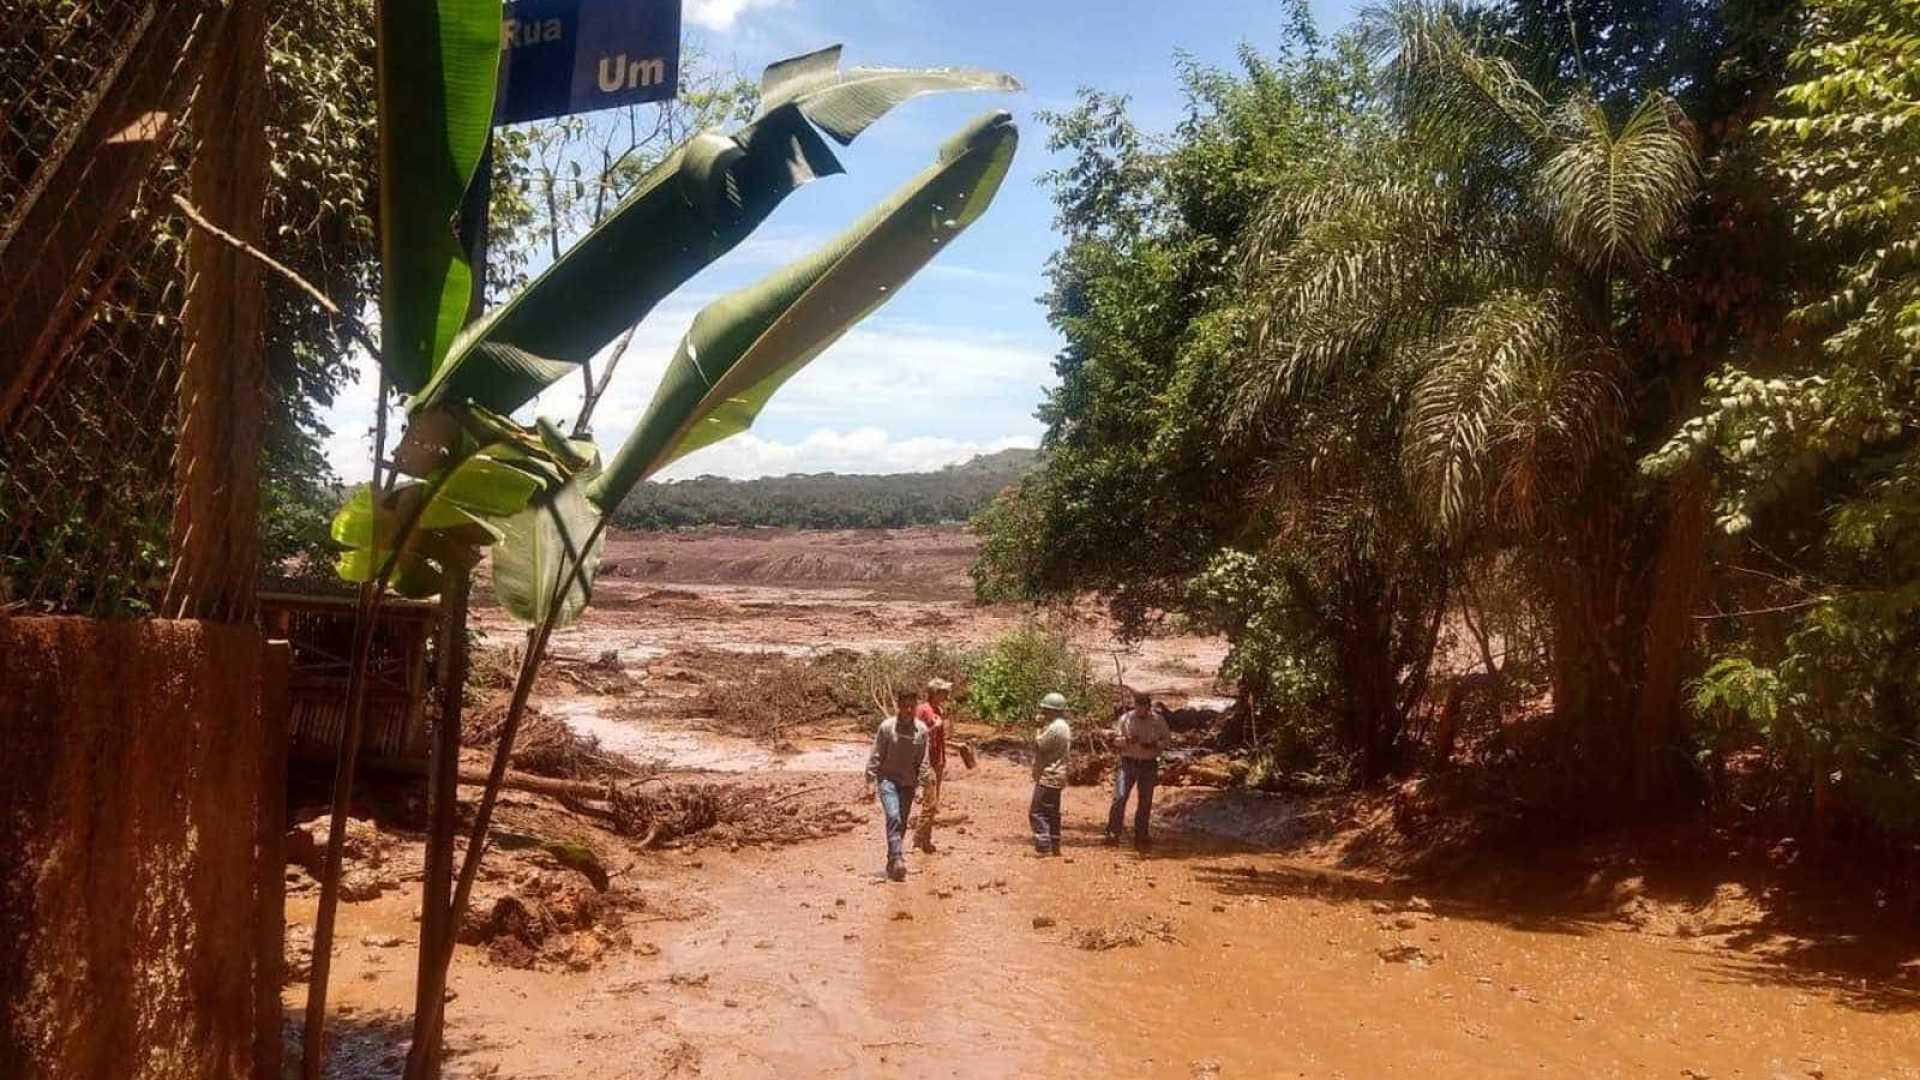 naom 5c4b2e4bd98db - DESABAMENTO: Bolsonaro envia três ministros a Minas Gerais para acompanhar impacto ambiental